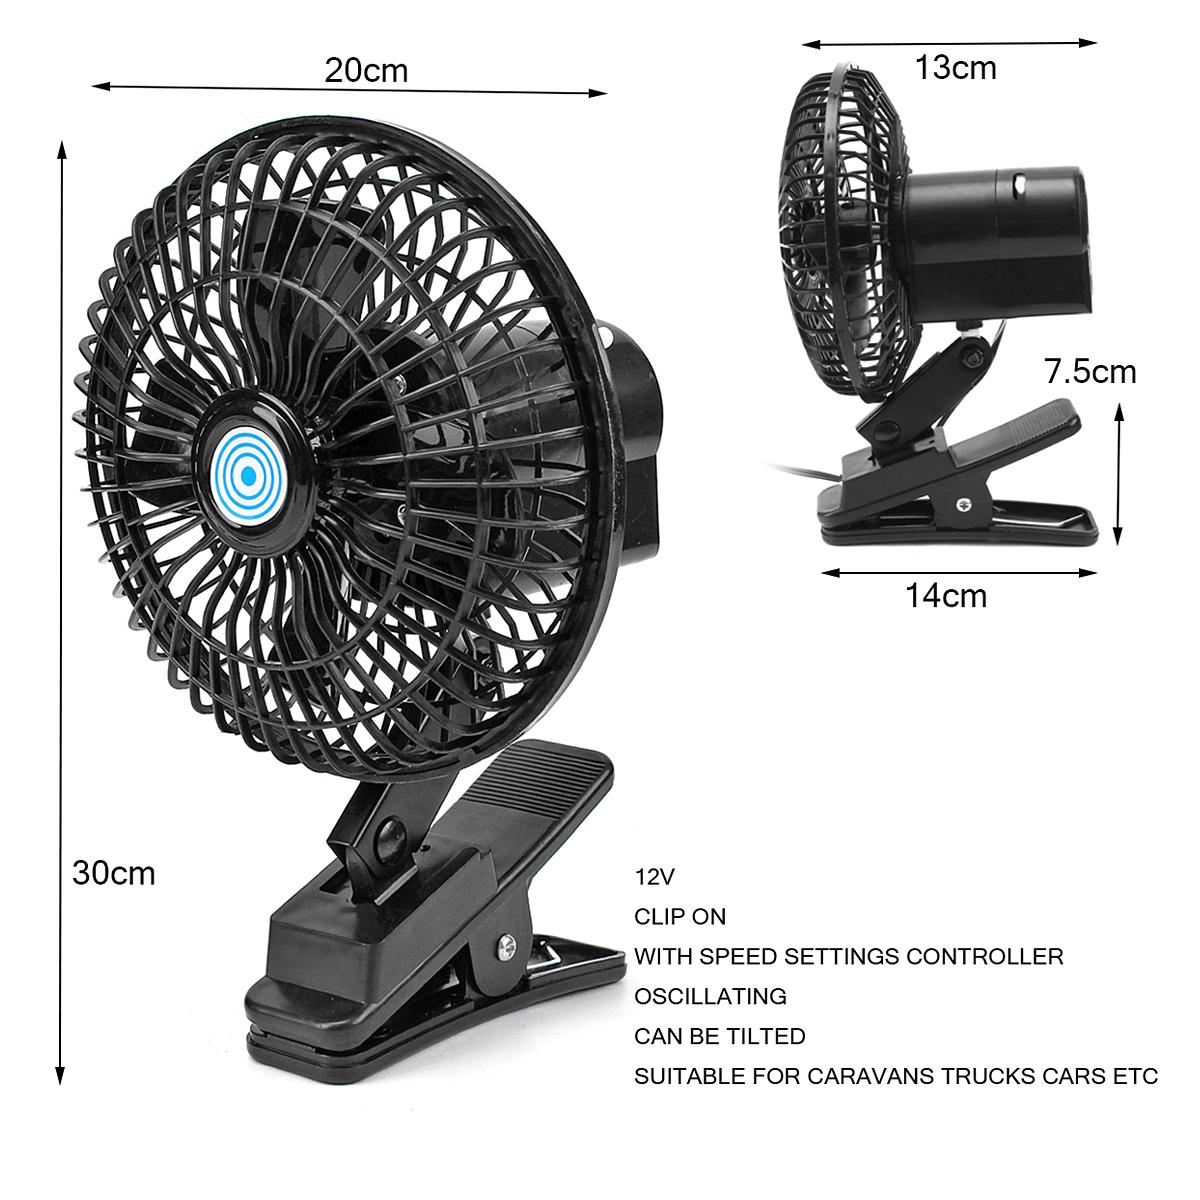 Ventilateur oscillant 12v montage par clip